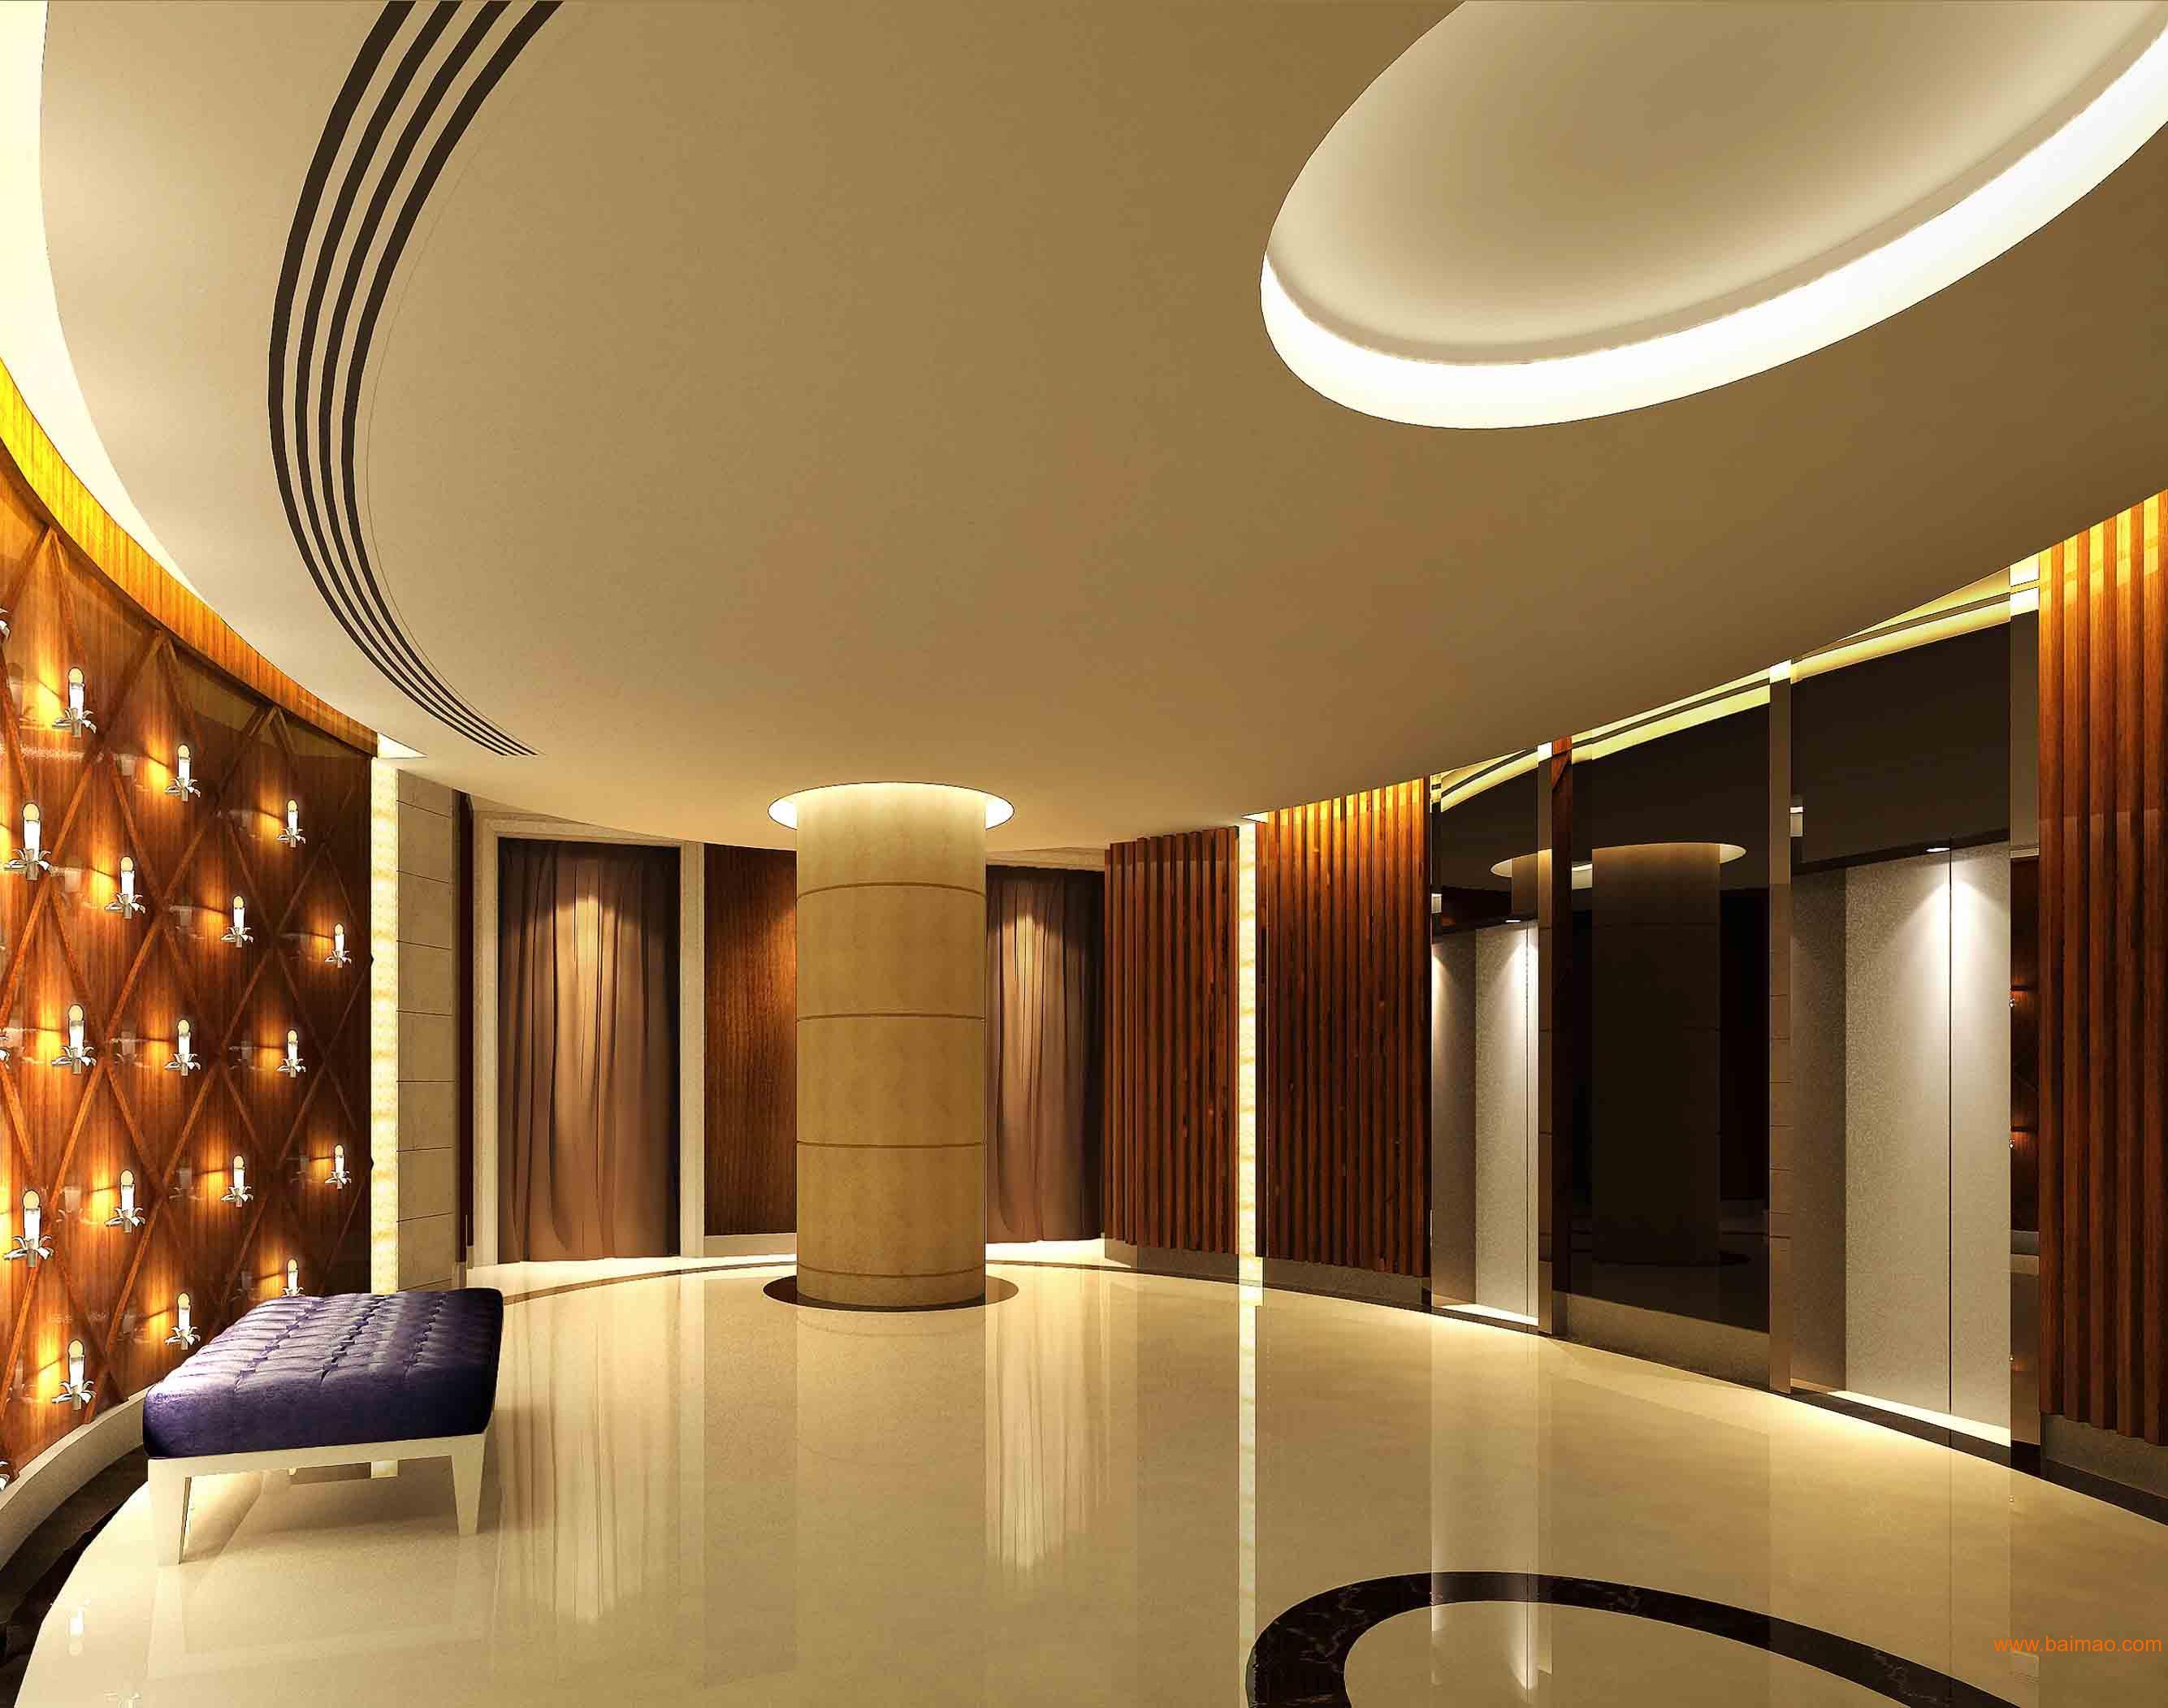 迅捷别墅电梯,迅捷别墅电梯生产厂家,迅捷别墅外观半图片欧式二层豪华别墅图片